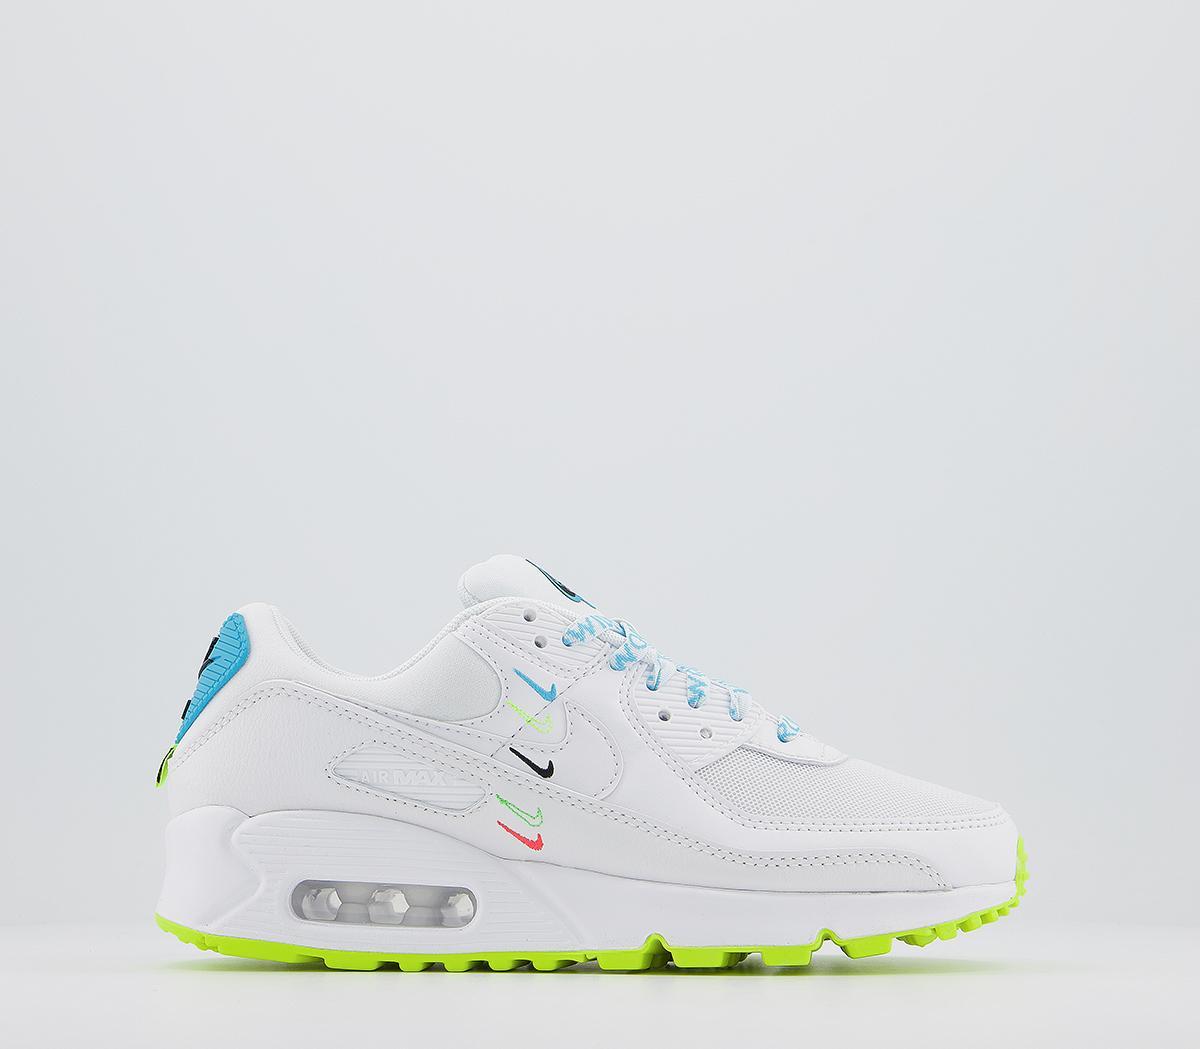 Nike Air Max 90 White Blue Fury Volt